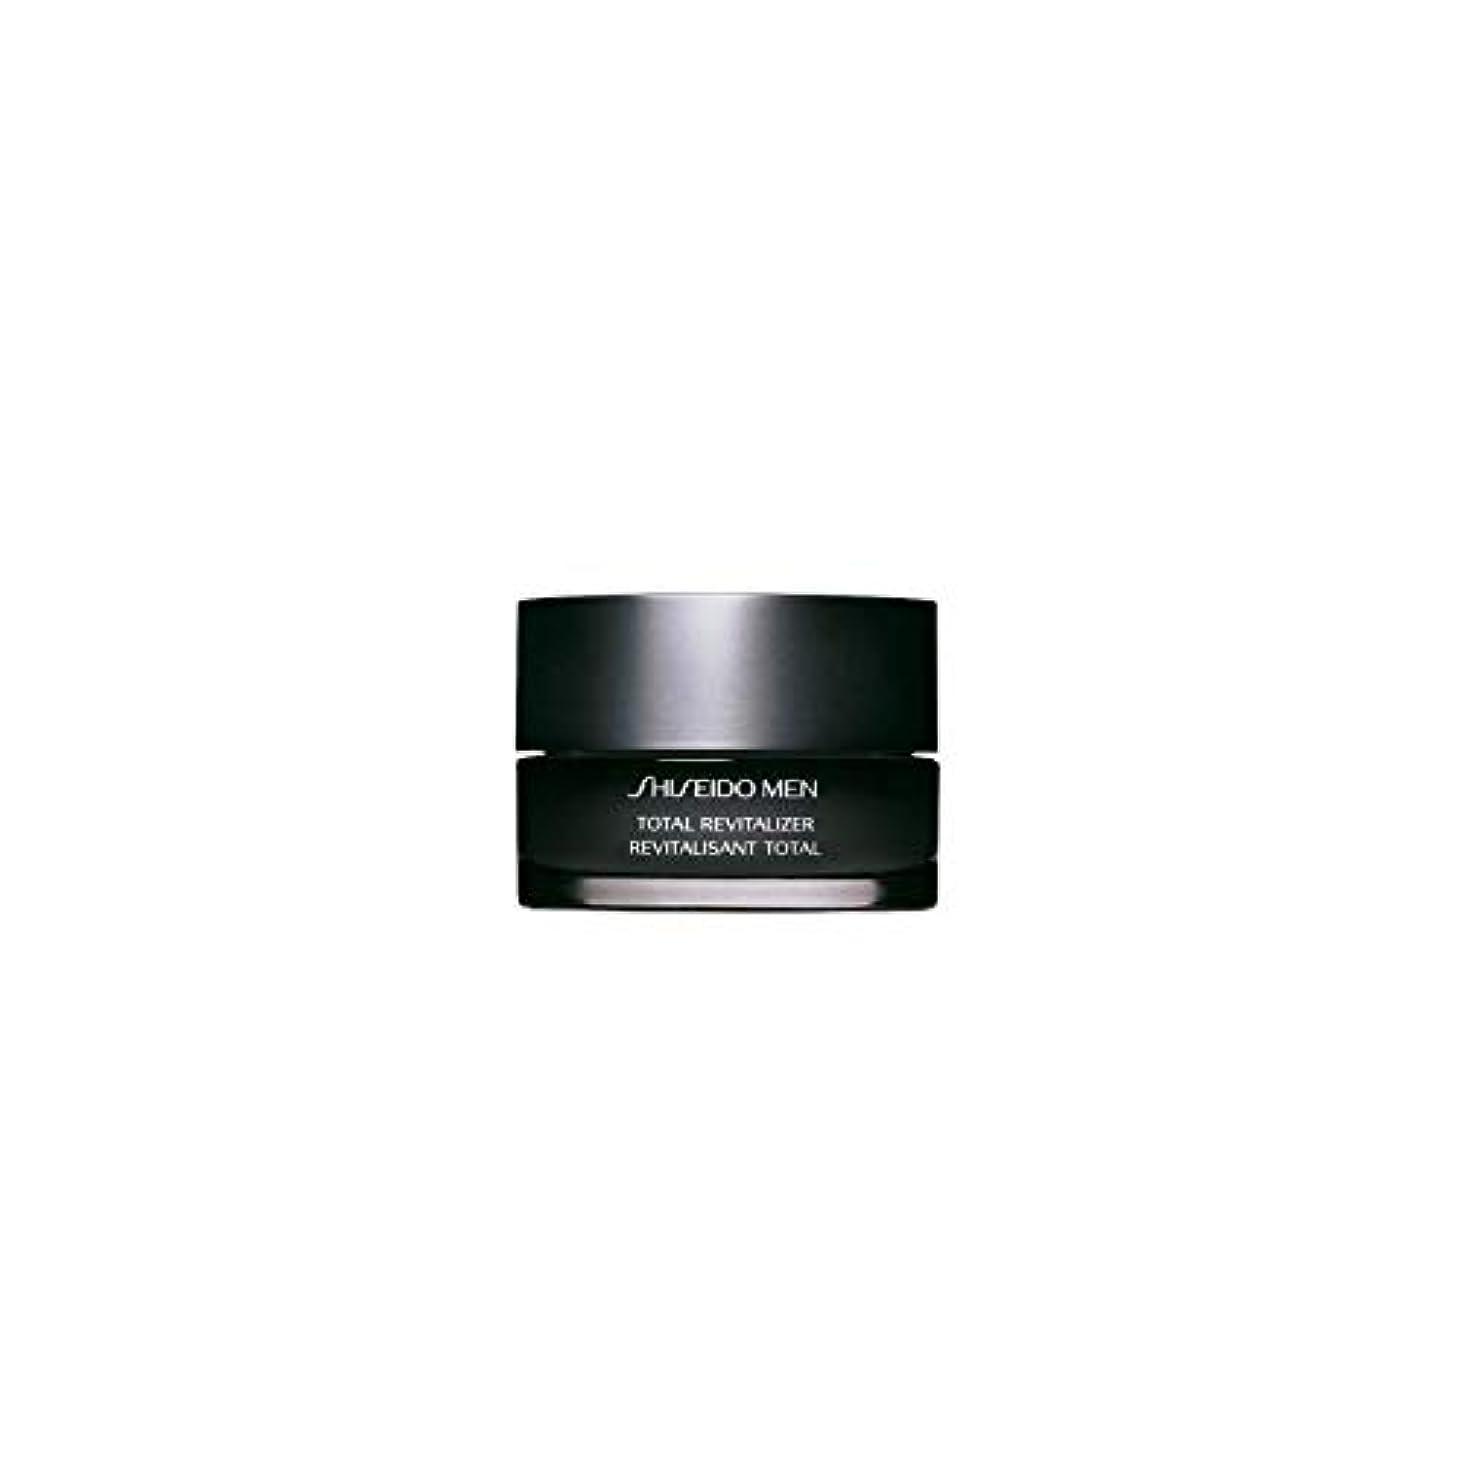 [Shiseido ] 資生堂は、総滋養強壮(50Ml)にメンズ - Shiseido Mens Total Revitalizer (50ml) [並行輸入品]